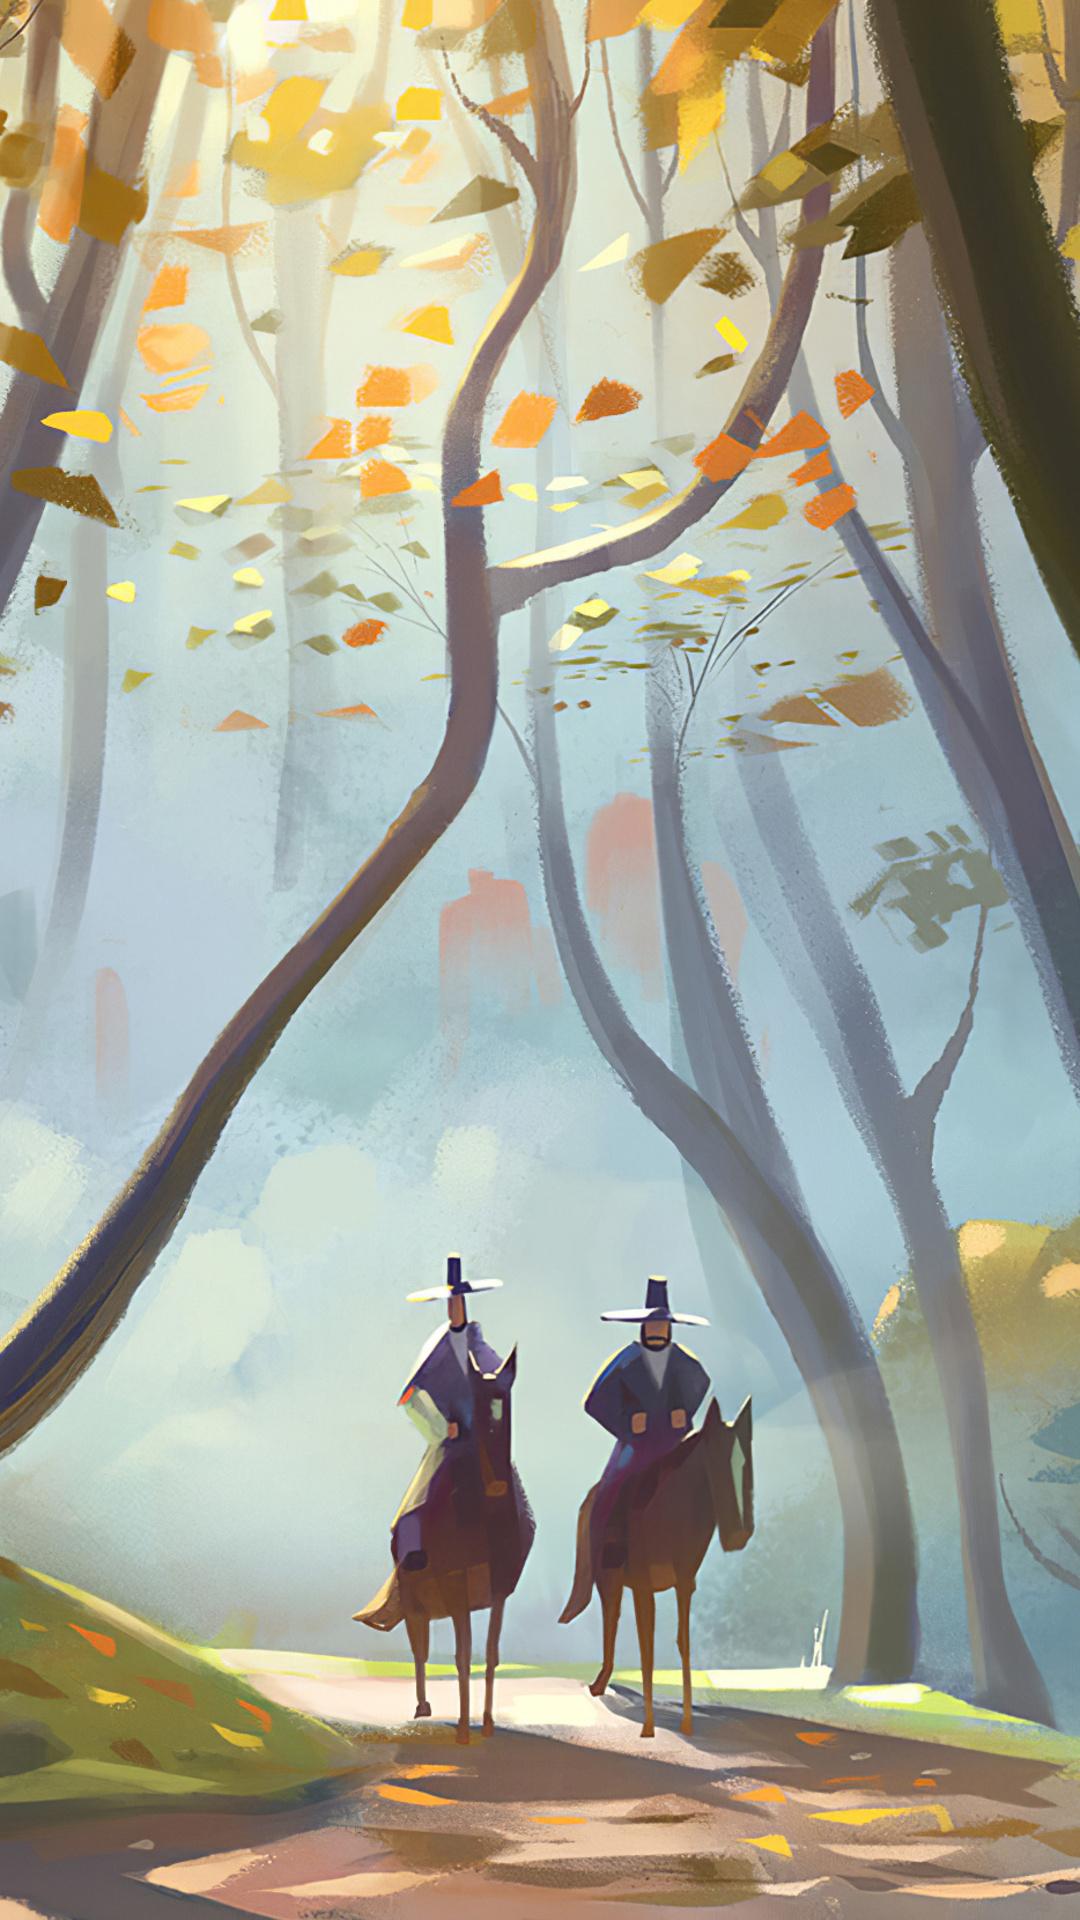 through-forest-kingdom-4k-ww.jpg